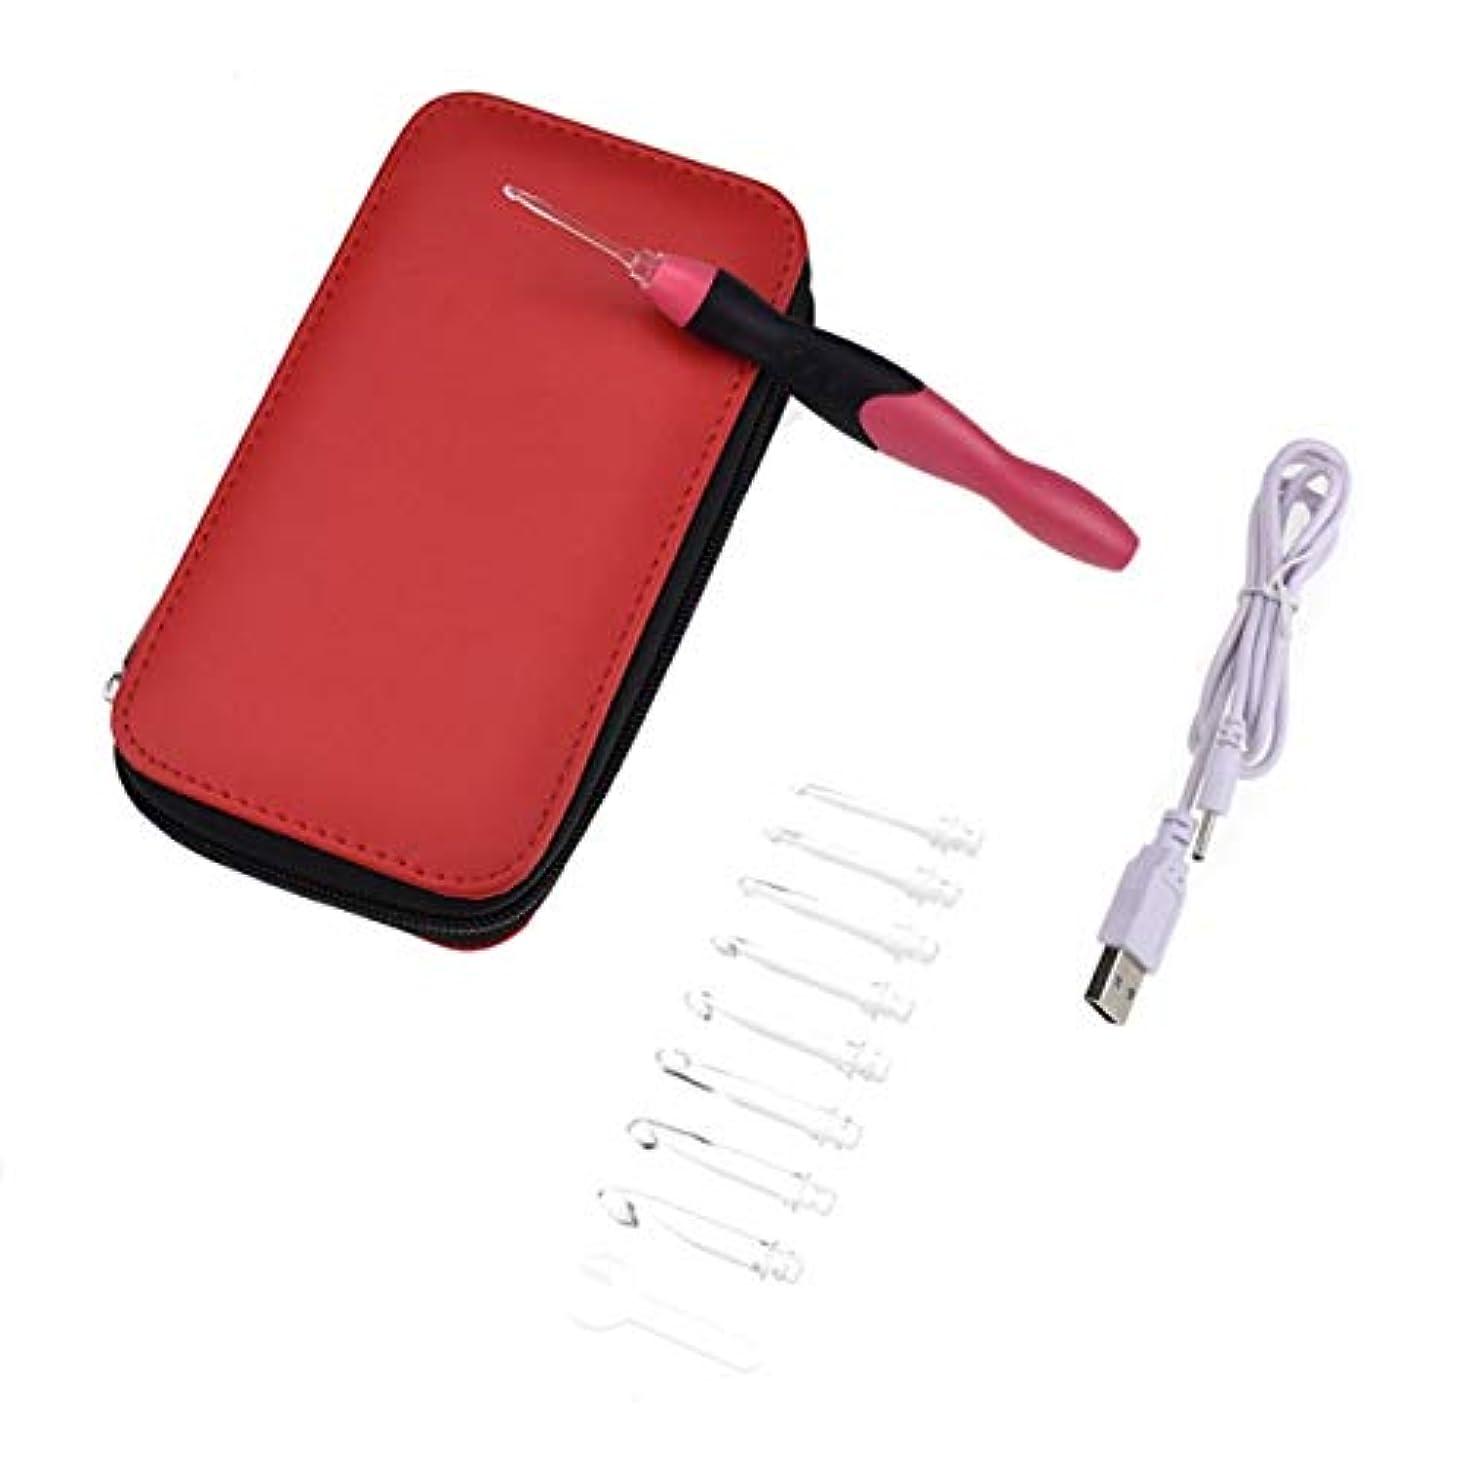 信仰社会科熟考するSaikogoods USB充電式 ライトアップかぎ針編みのフックセット 収納袋付き9つの交換可能チップ LEDニッティング ソーイングクラフトツール 赤 黒